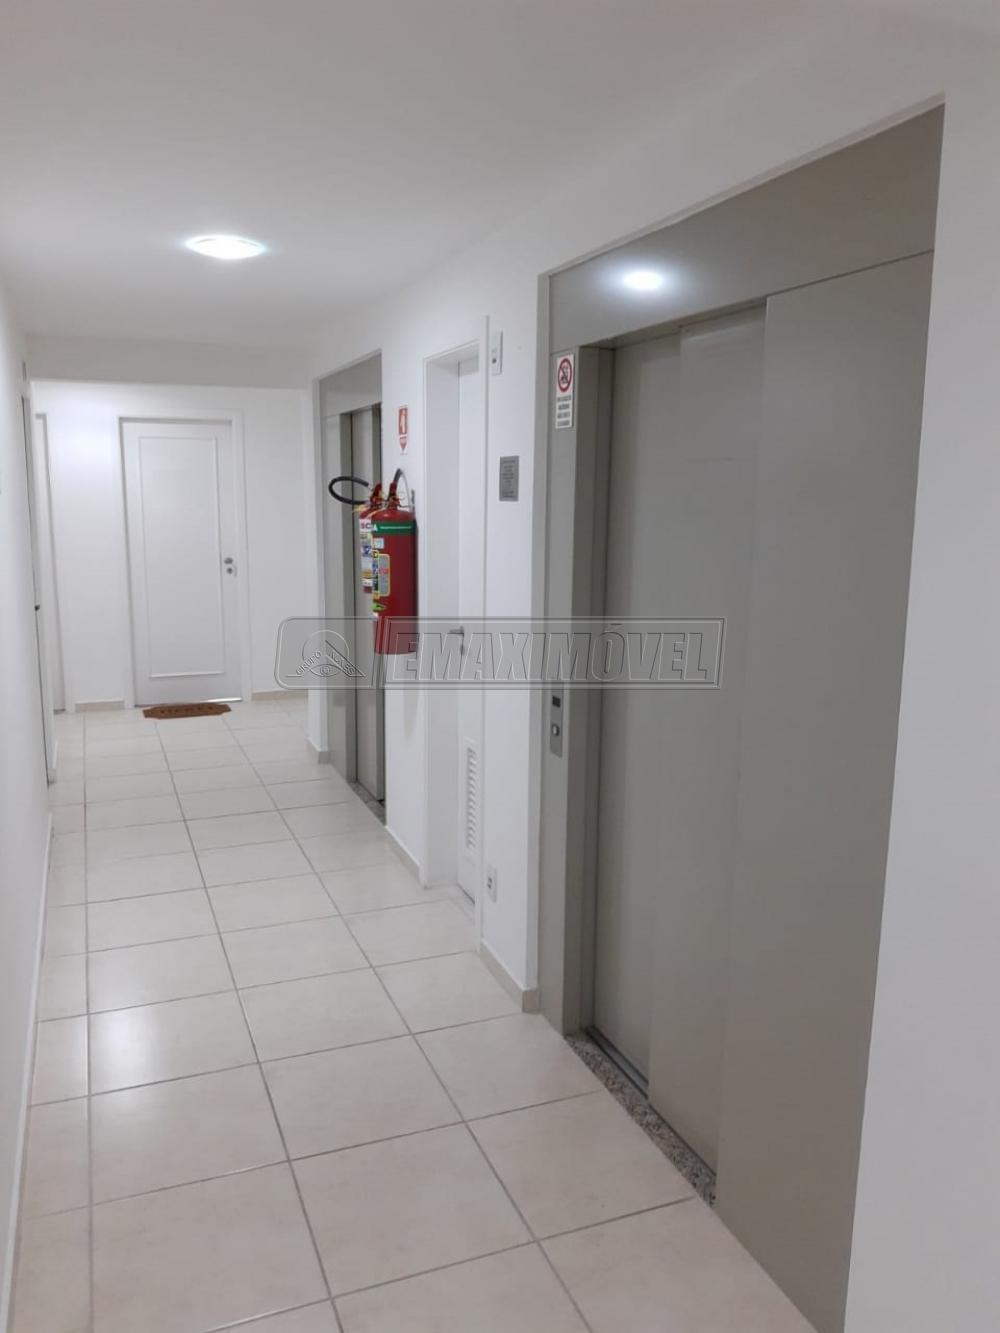 Alugar Apartamentos / Apto Padrão em Sorocaba apenas R$ 2.200,00 - Foto 7